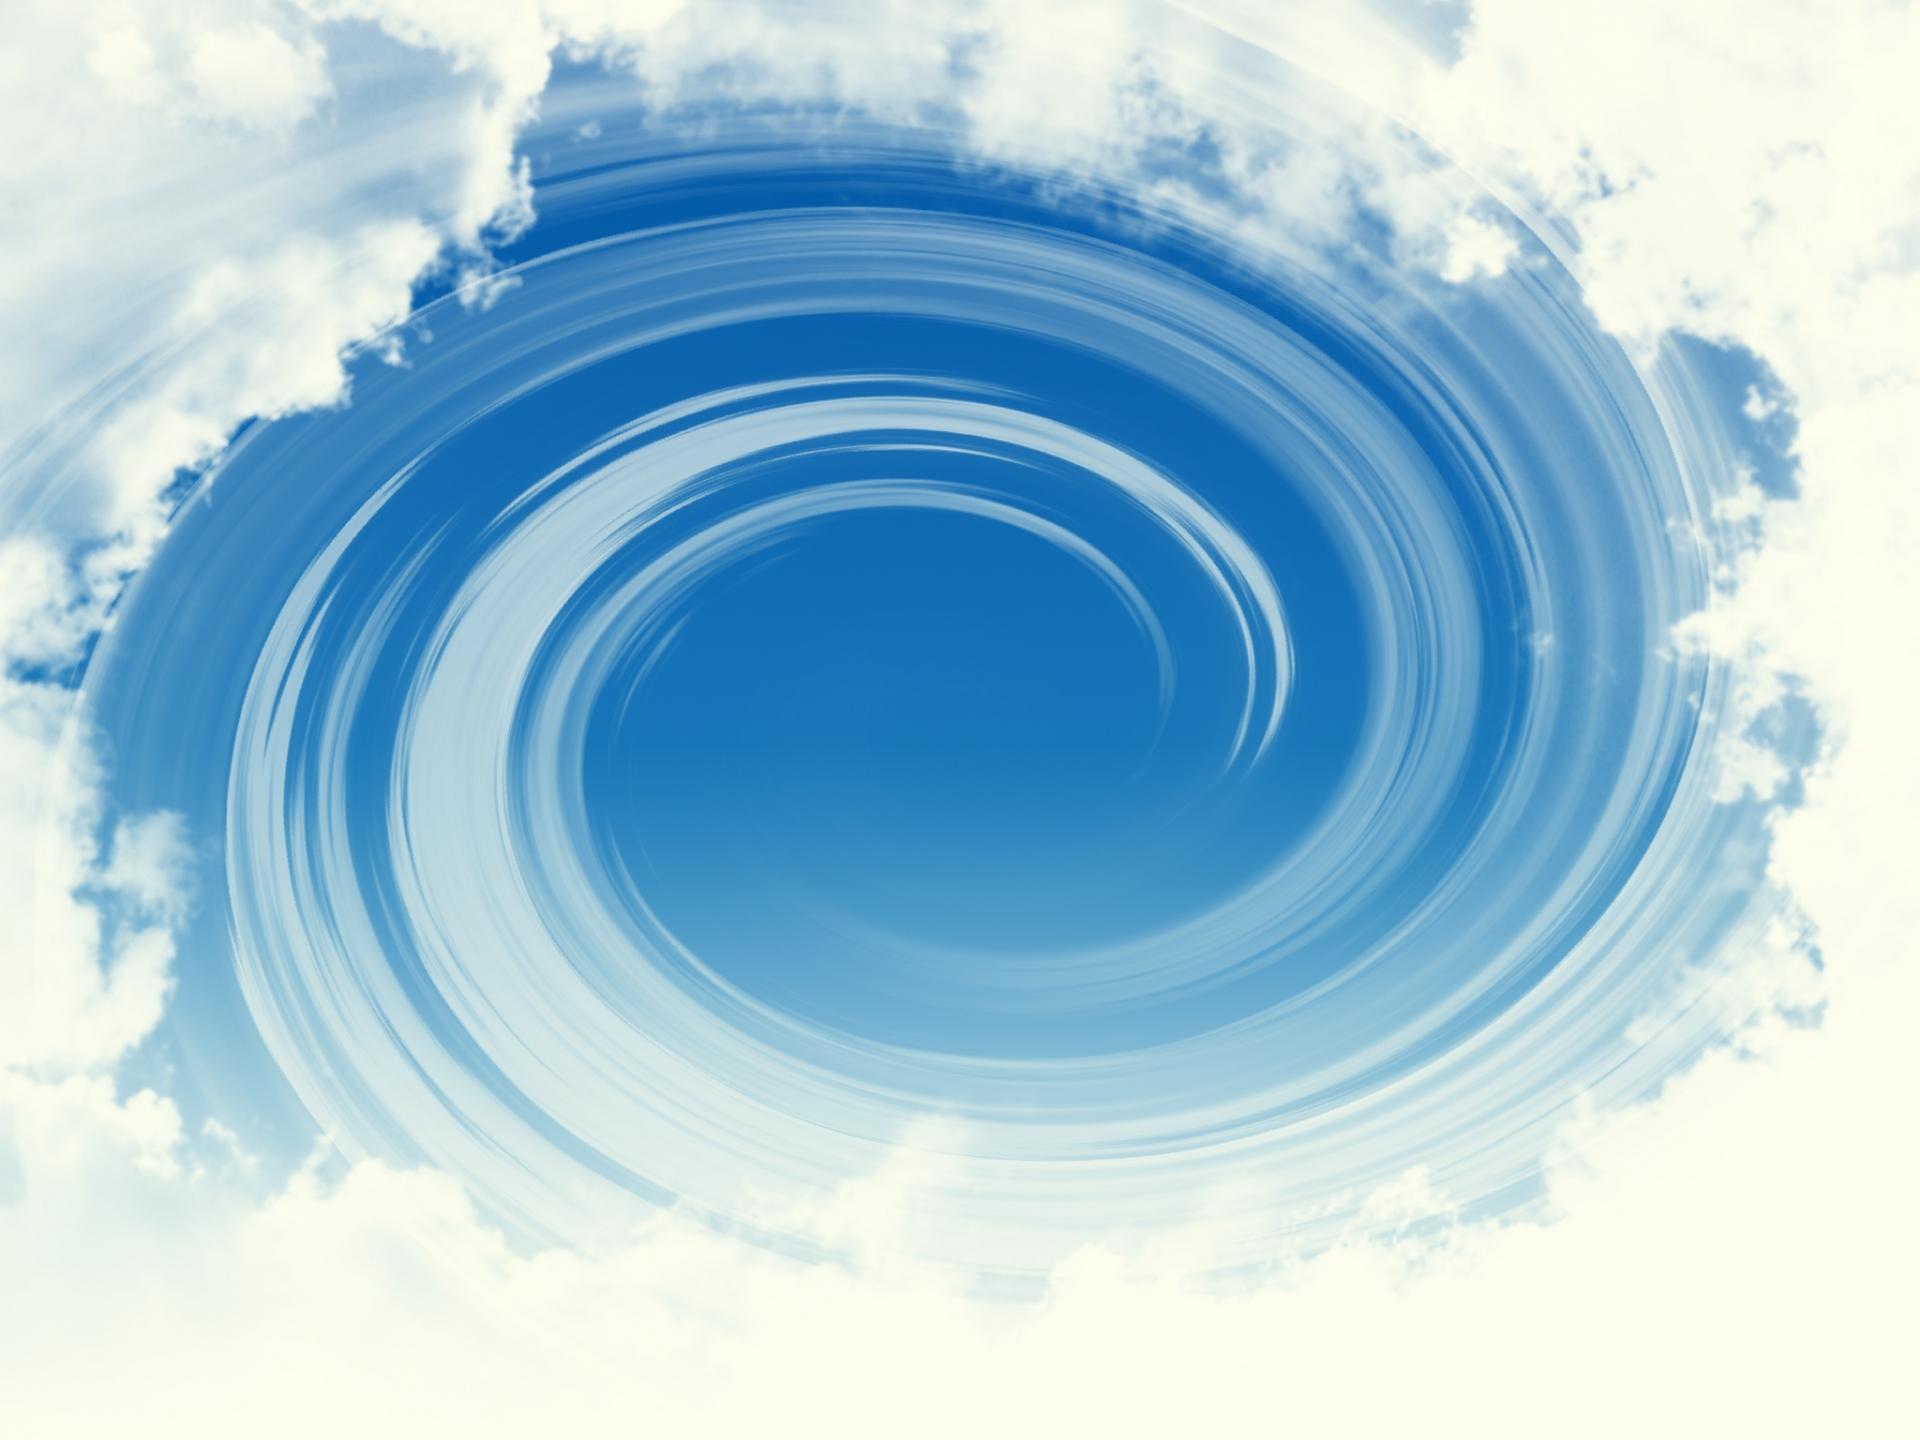 台風の通過に際して、渦巻きという形状とデザインについて考えてみる。